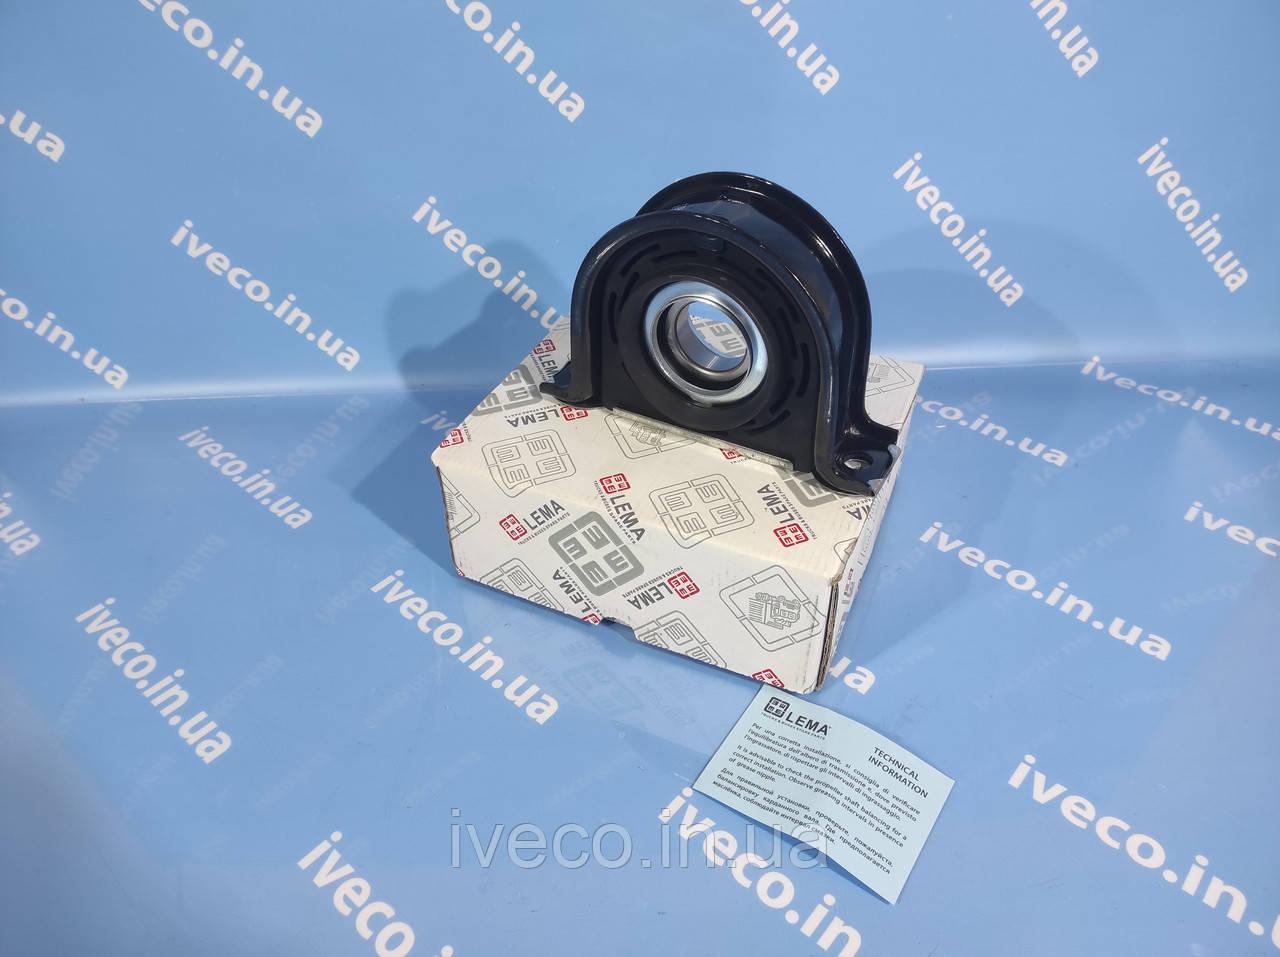 Опора вала карданного Iveco EuroCargo Ивеко Еврокарго 1404554 93160223 5000243243 93158202  D=40мм